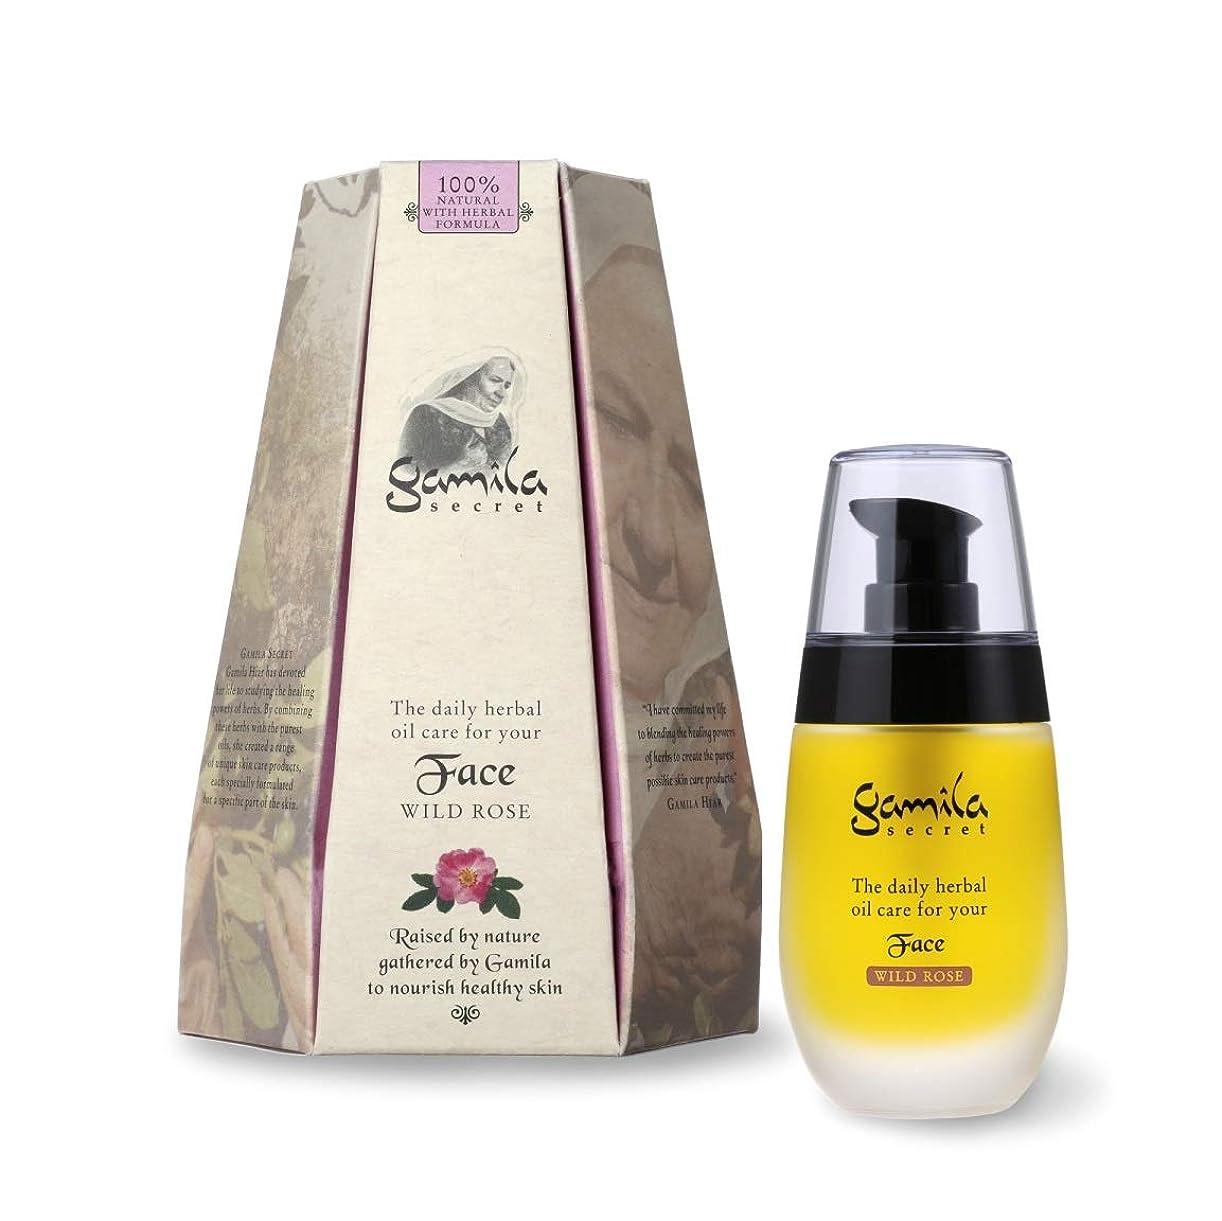 地味な強います過激派【Amazon.co.jp限定】ガミラシークレット フェイスオイルワイルドローズ50mlホットパックタオル付 10種類の植物素材がブレンドされた美容オイル ハリと艶のある肌へ